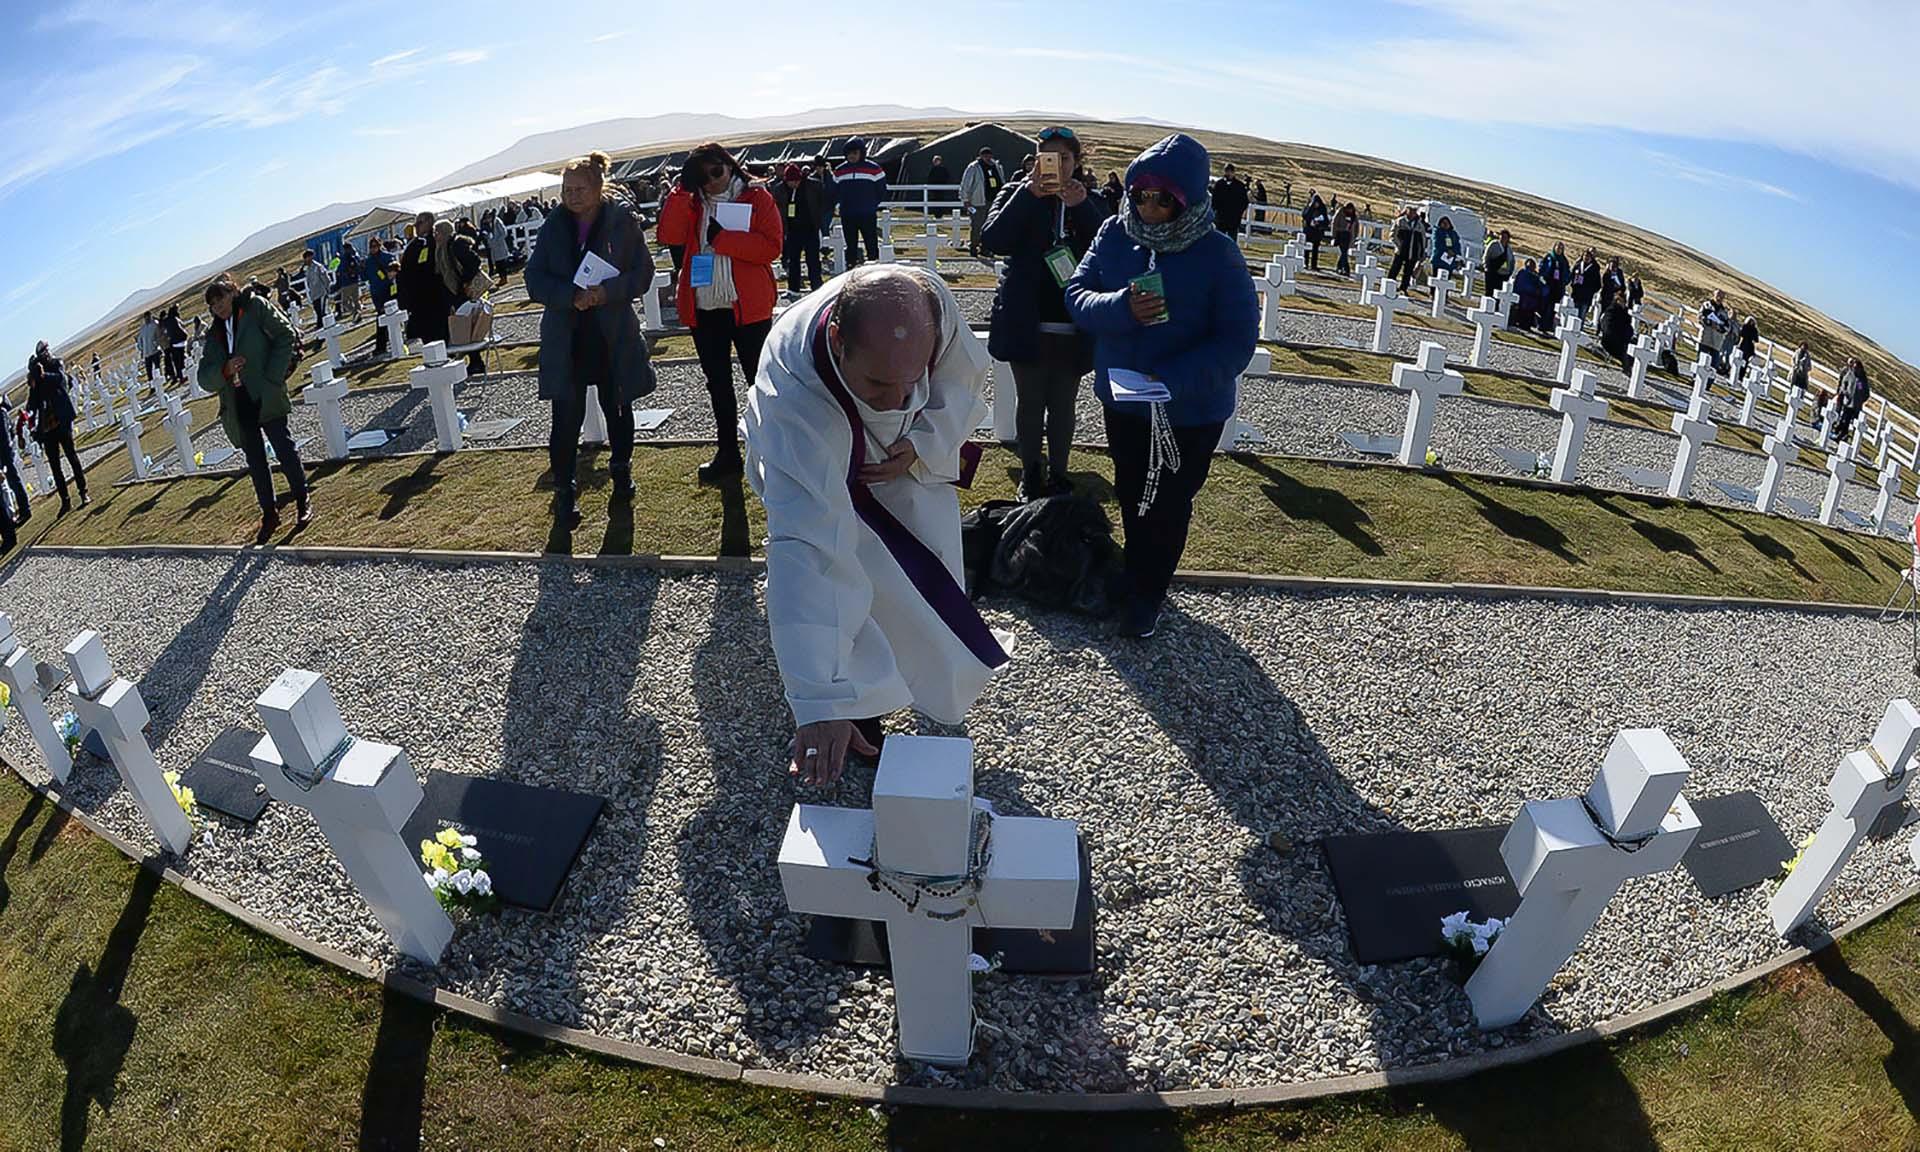 Monseñor Eguía Seguí bendijo las tumbas de los soldados identificados (Presidencia / Secretaría de la Nación / Victor Bugge)